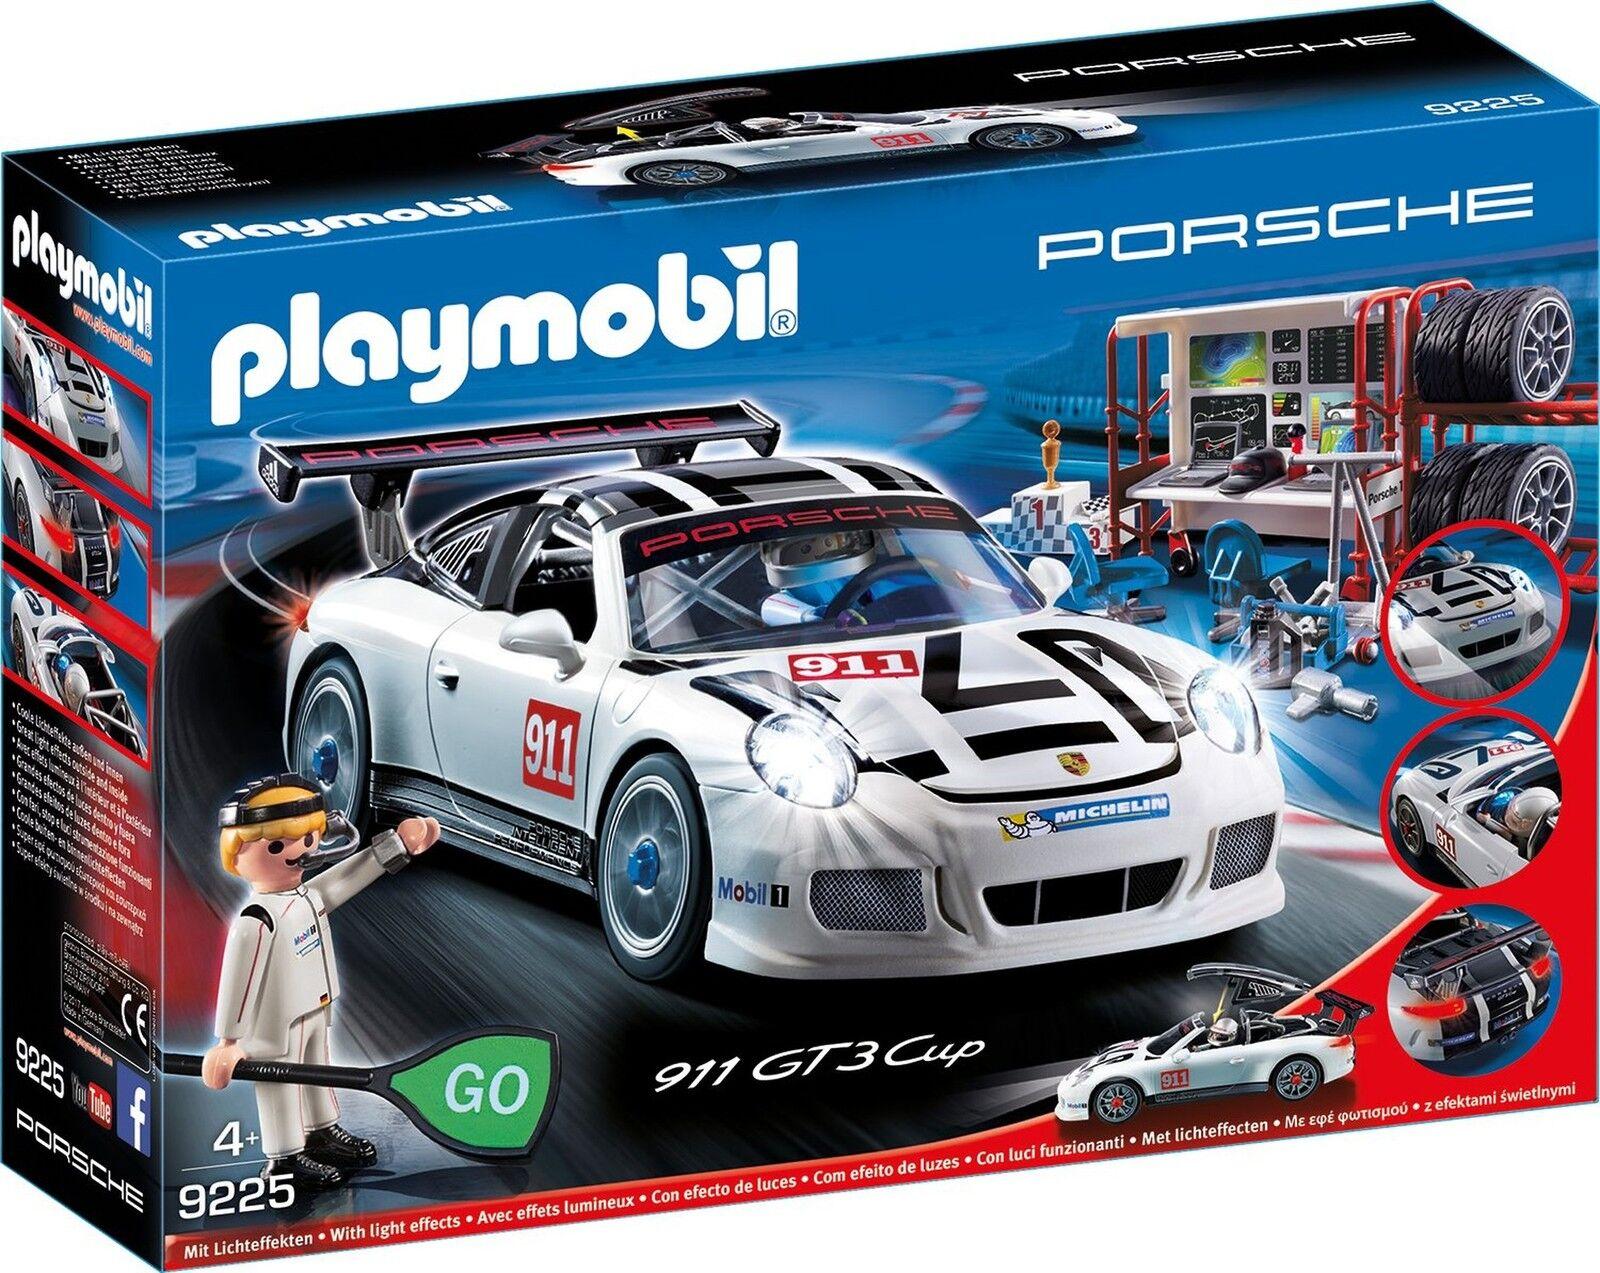 PLAYMOBIL 9225 - Porsche 911 GT3 Cup avec le poste  de comhommedeHommest & beaucoup d'accessoires nouveau  nouveau sadie